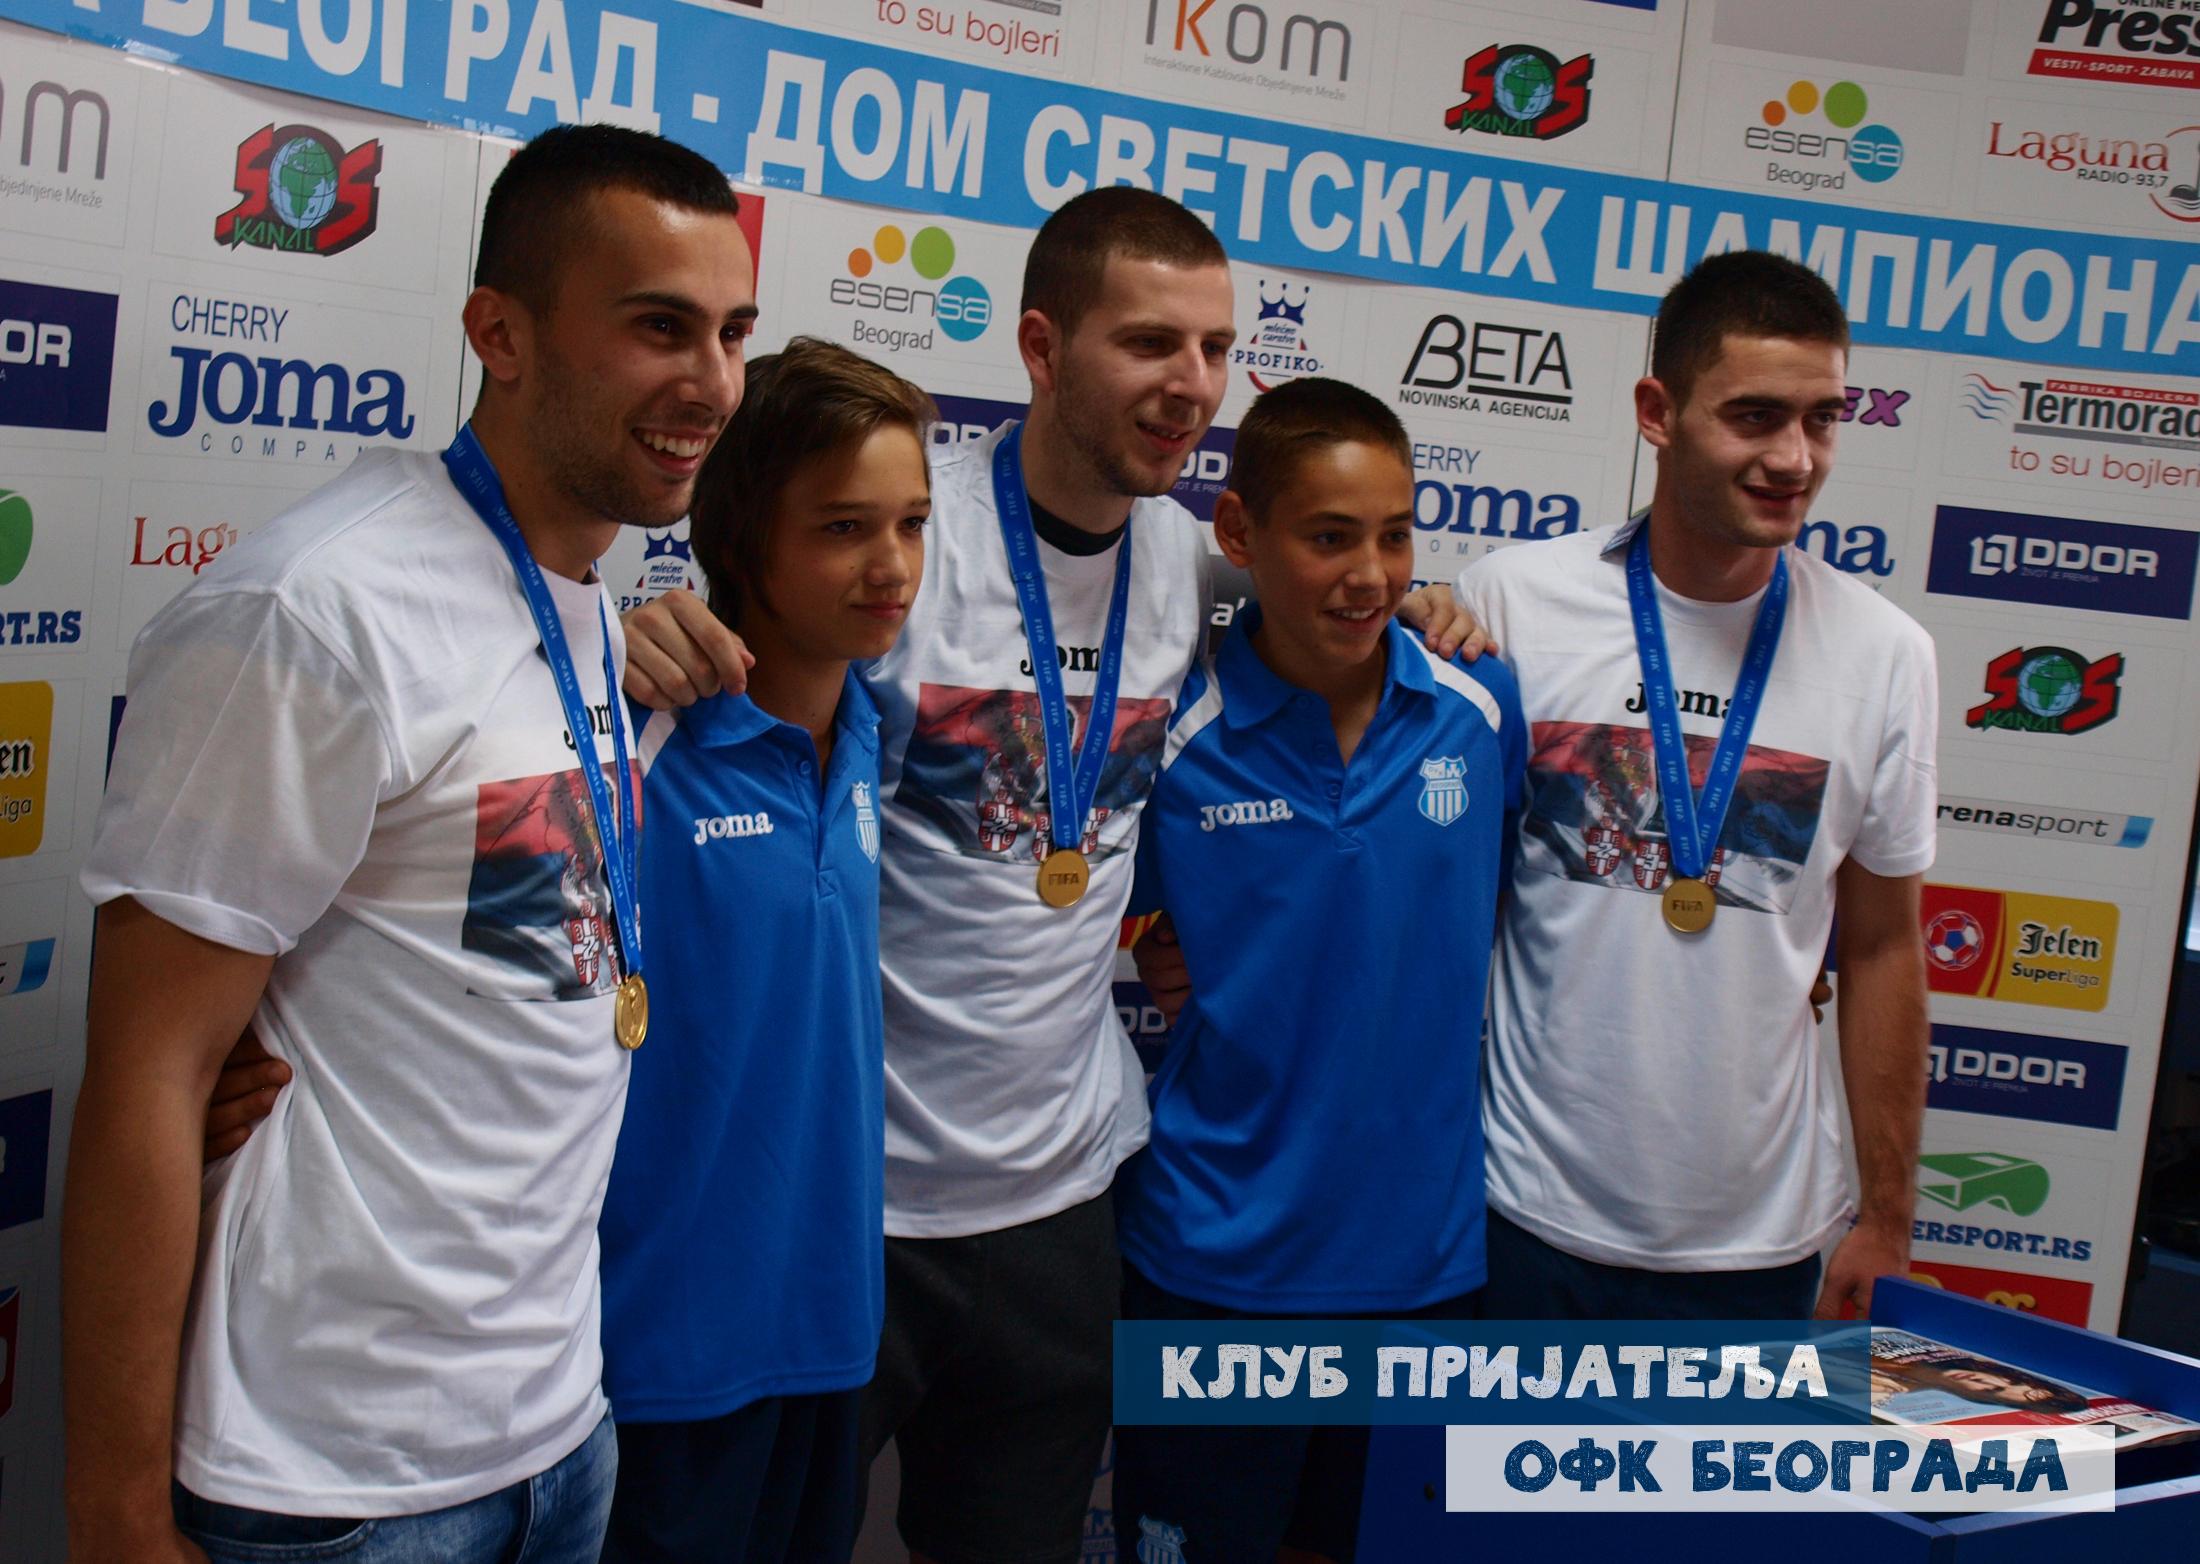 Сећање на титулу омладинске репрезентације Србије